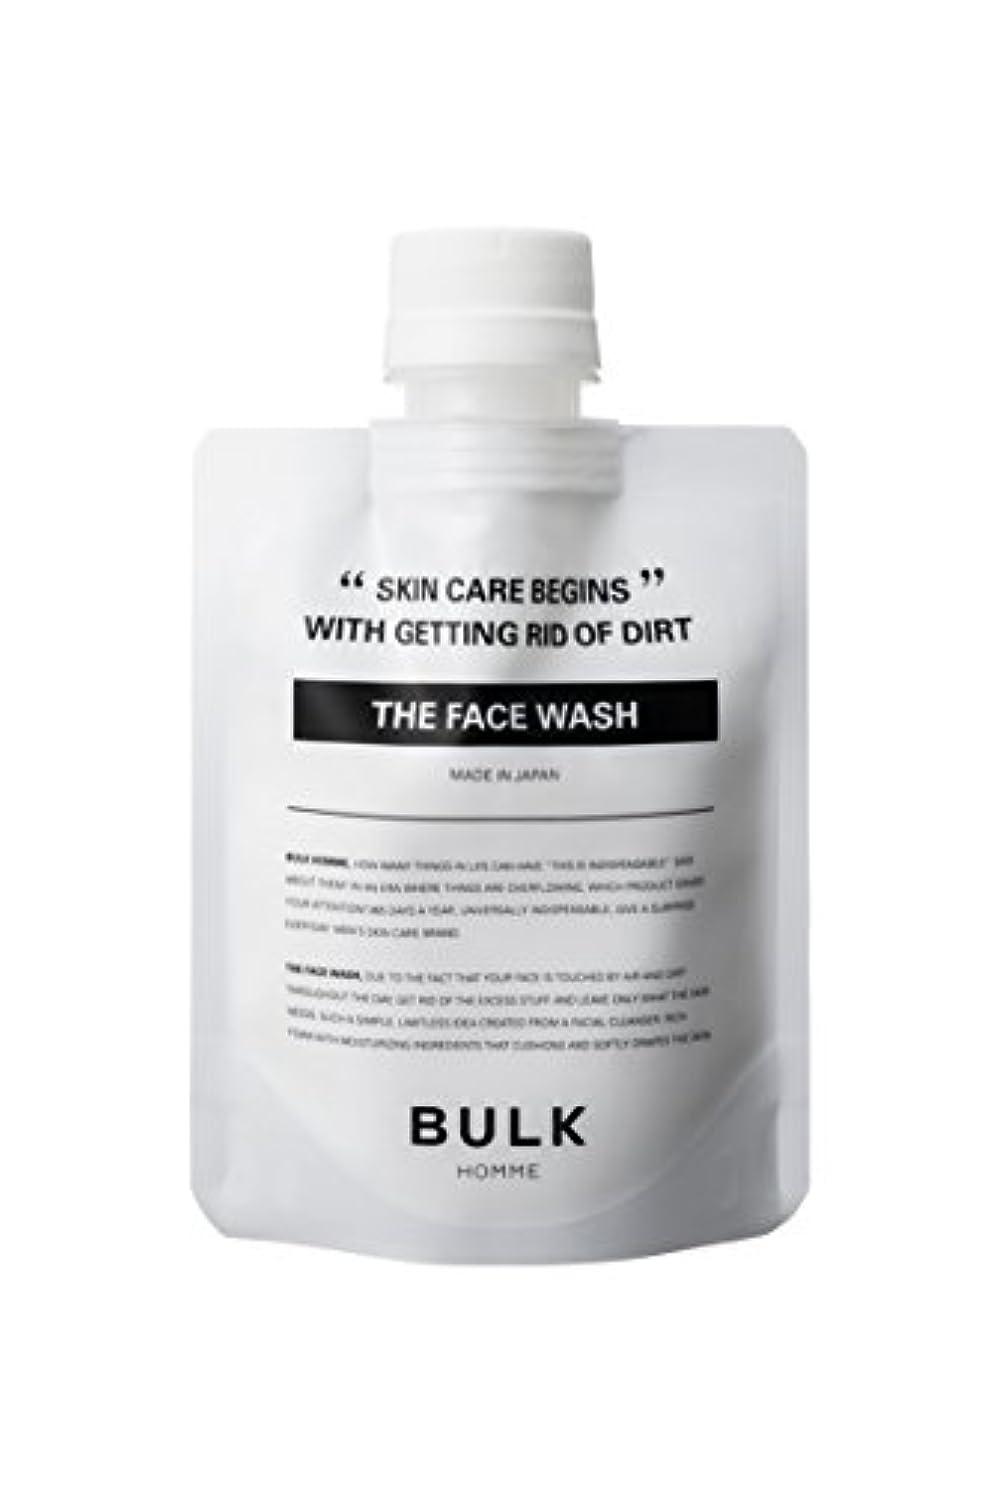 色宿命連続したバルクオム (BULK HOMME) BULK HOMME THE FACE WASH 洗顔料 単品 100g